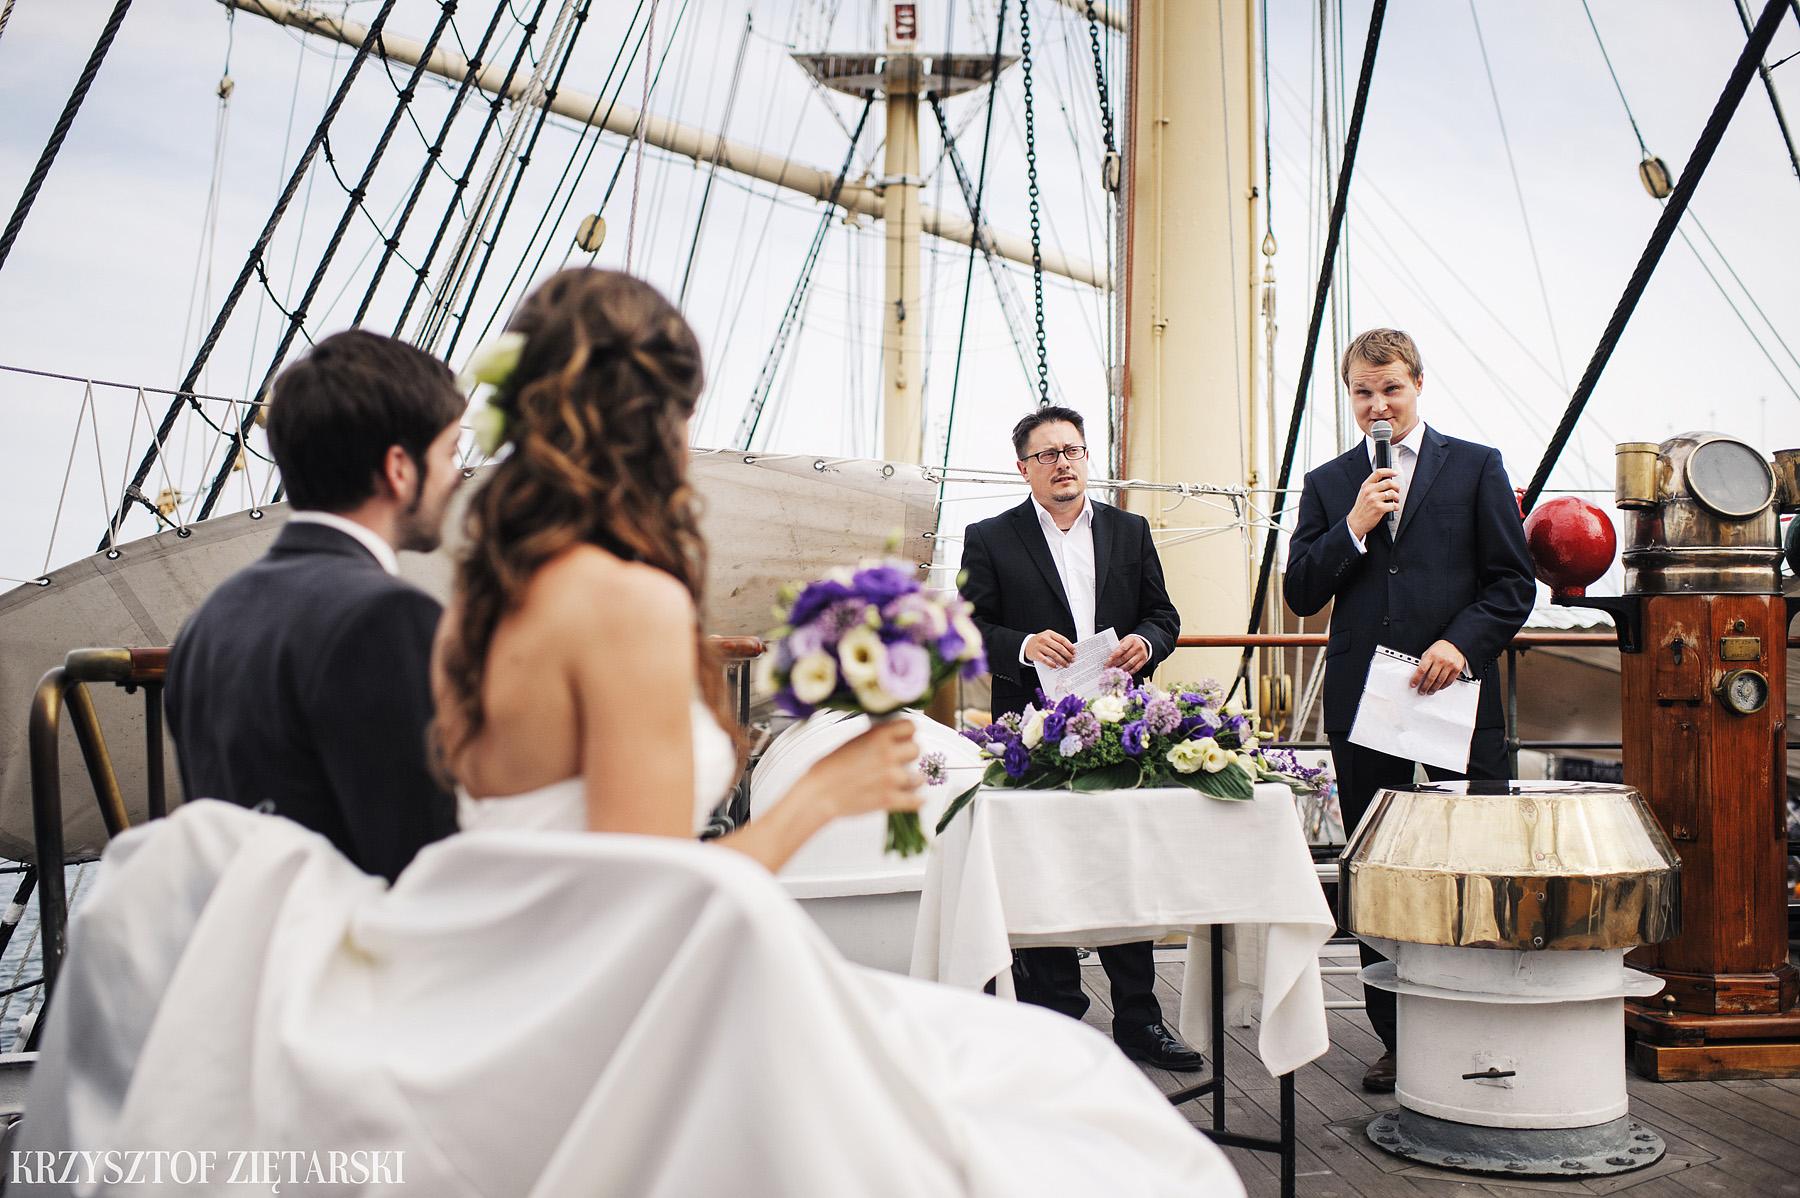 Gosia i Gabriele - Fotografia ślubna Gdynia - Dar Pomorza, Gościniec dla Przyjaciół Wyczechowo, Sea Towers - 24.